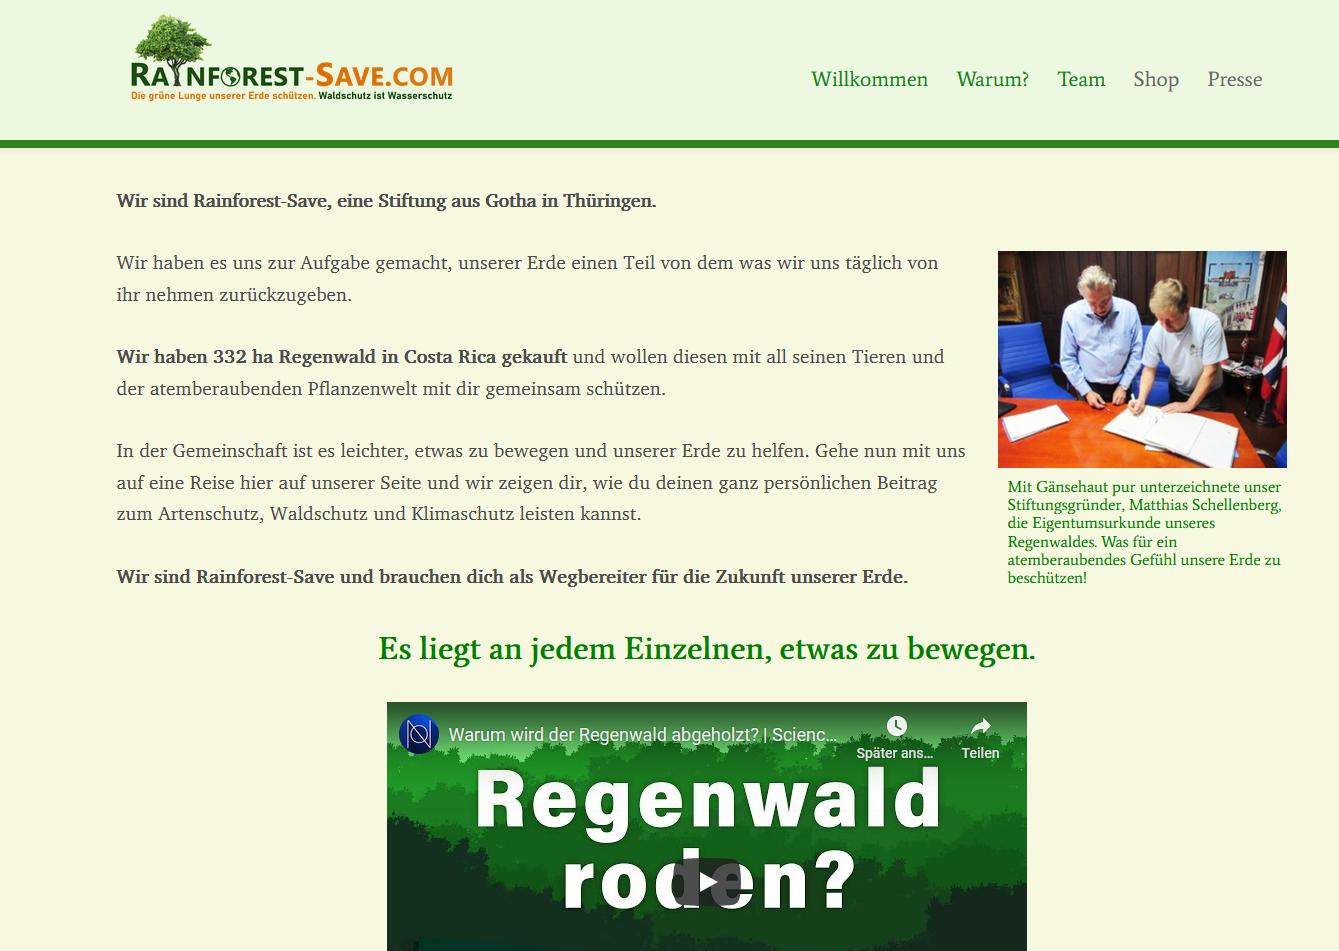 Rainforest-Save.com